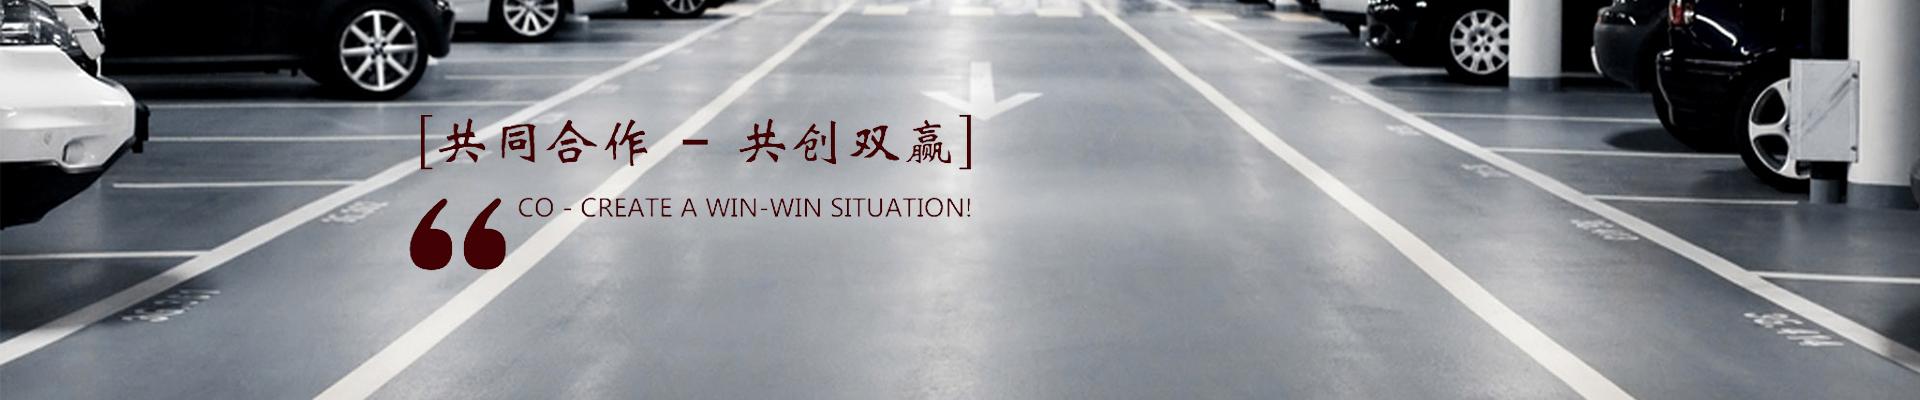 广州硕鼎地坪工程有限公司